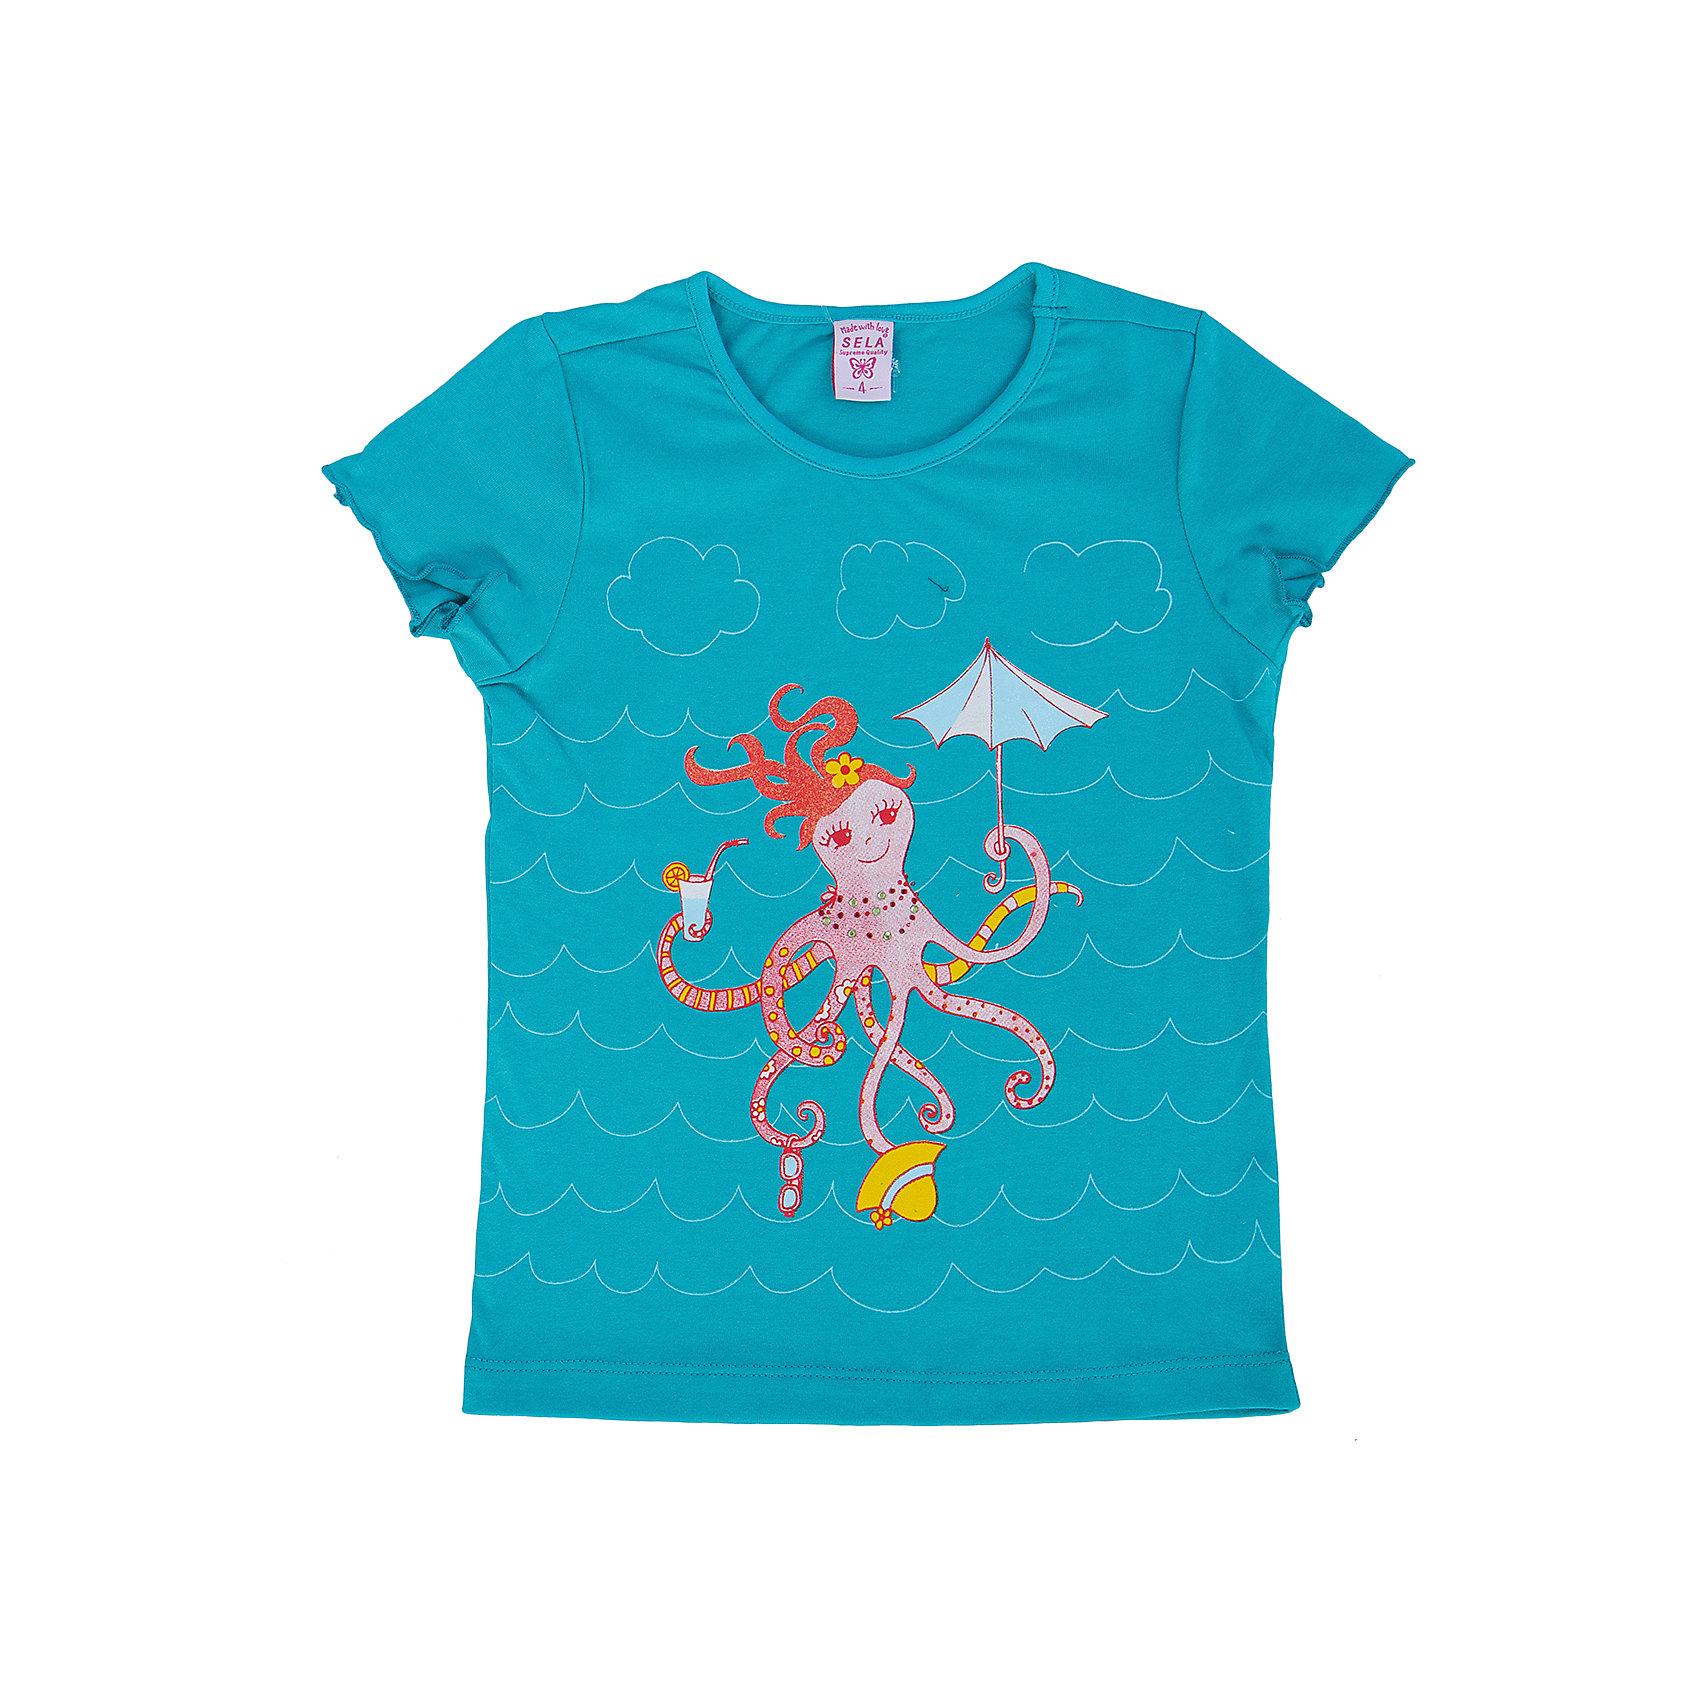 Футболка для девочки SELAМодная футболка для девочки от популярного бренда SELA. Изделие выполнено из натурального гипоаллергенного трикотажа, очень мягкого, дышащего и приятного к телу, и обладает следующими особенностями:<br>- голубой цвет, милый принт на груди;<br>- эластичная отделка горловины;<br>- комфортный крой, гарантирующий свободу движений;<br>- базовая модель.<br>Великолепный выбор для активного лета!<br><br>Дополнительная информация:<br>- состав: 100% хлопок<br>- цвет: голубой + принт<br><br>Футболку для девочки SELA (СЕЛА) можно купить в нашем магазине<br><br>Ширина мм: 199<br>Глубина мм: 10<br>Высота мм: 161<br>Вес г: 151<br>Цвет: голубой<br>Возраст от месяцев: 60<br>Возраст до месяцев: 72<br>Пол: Женский<br>Возраст: Детский<br>Размер: 116,92,98,104,110<br>SKU: 4745387